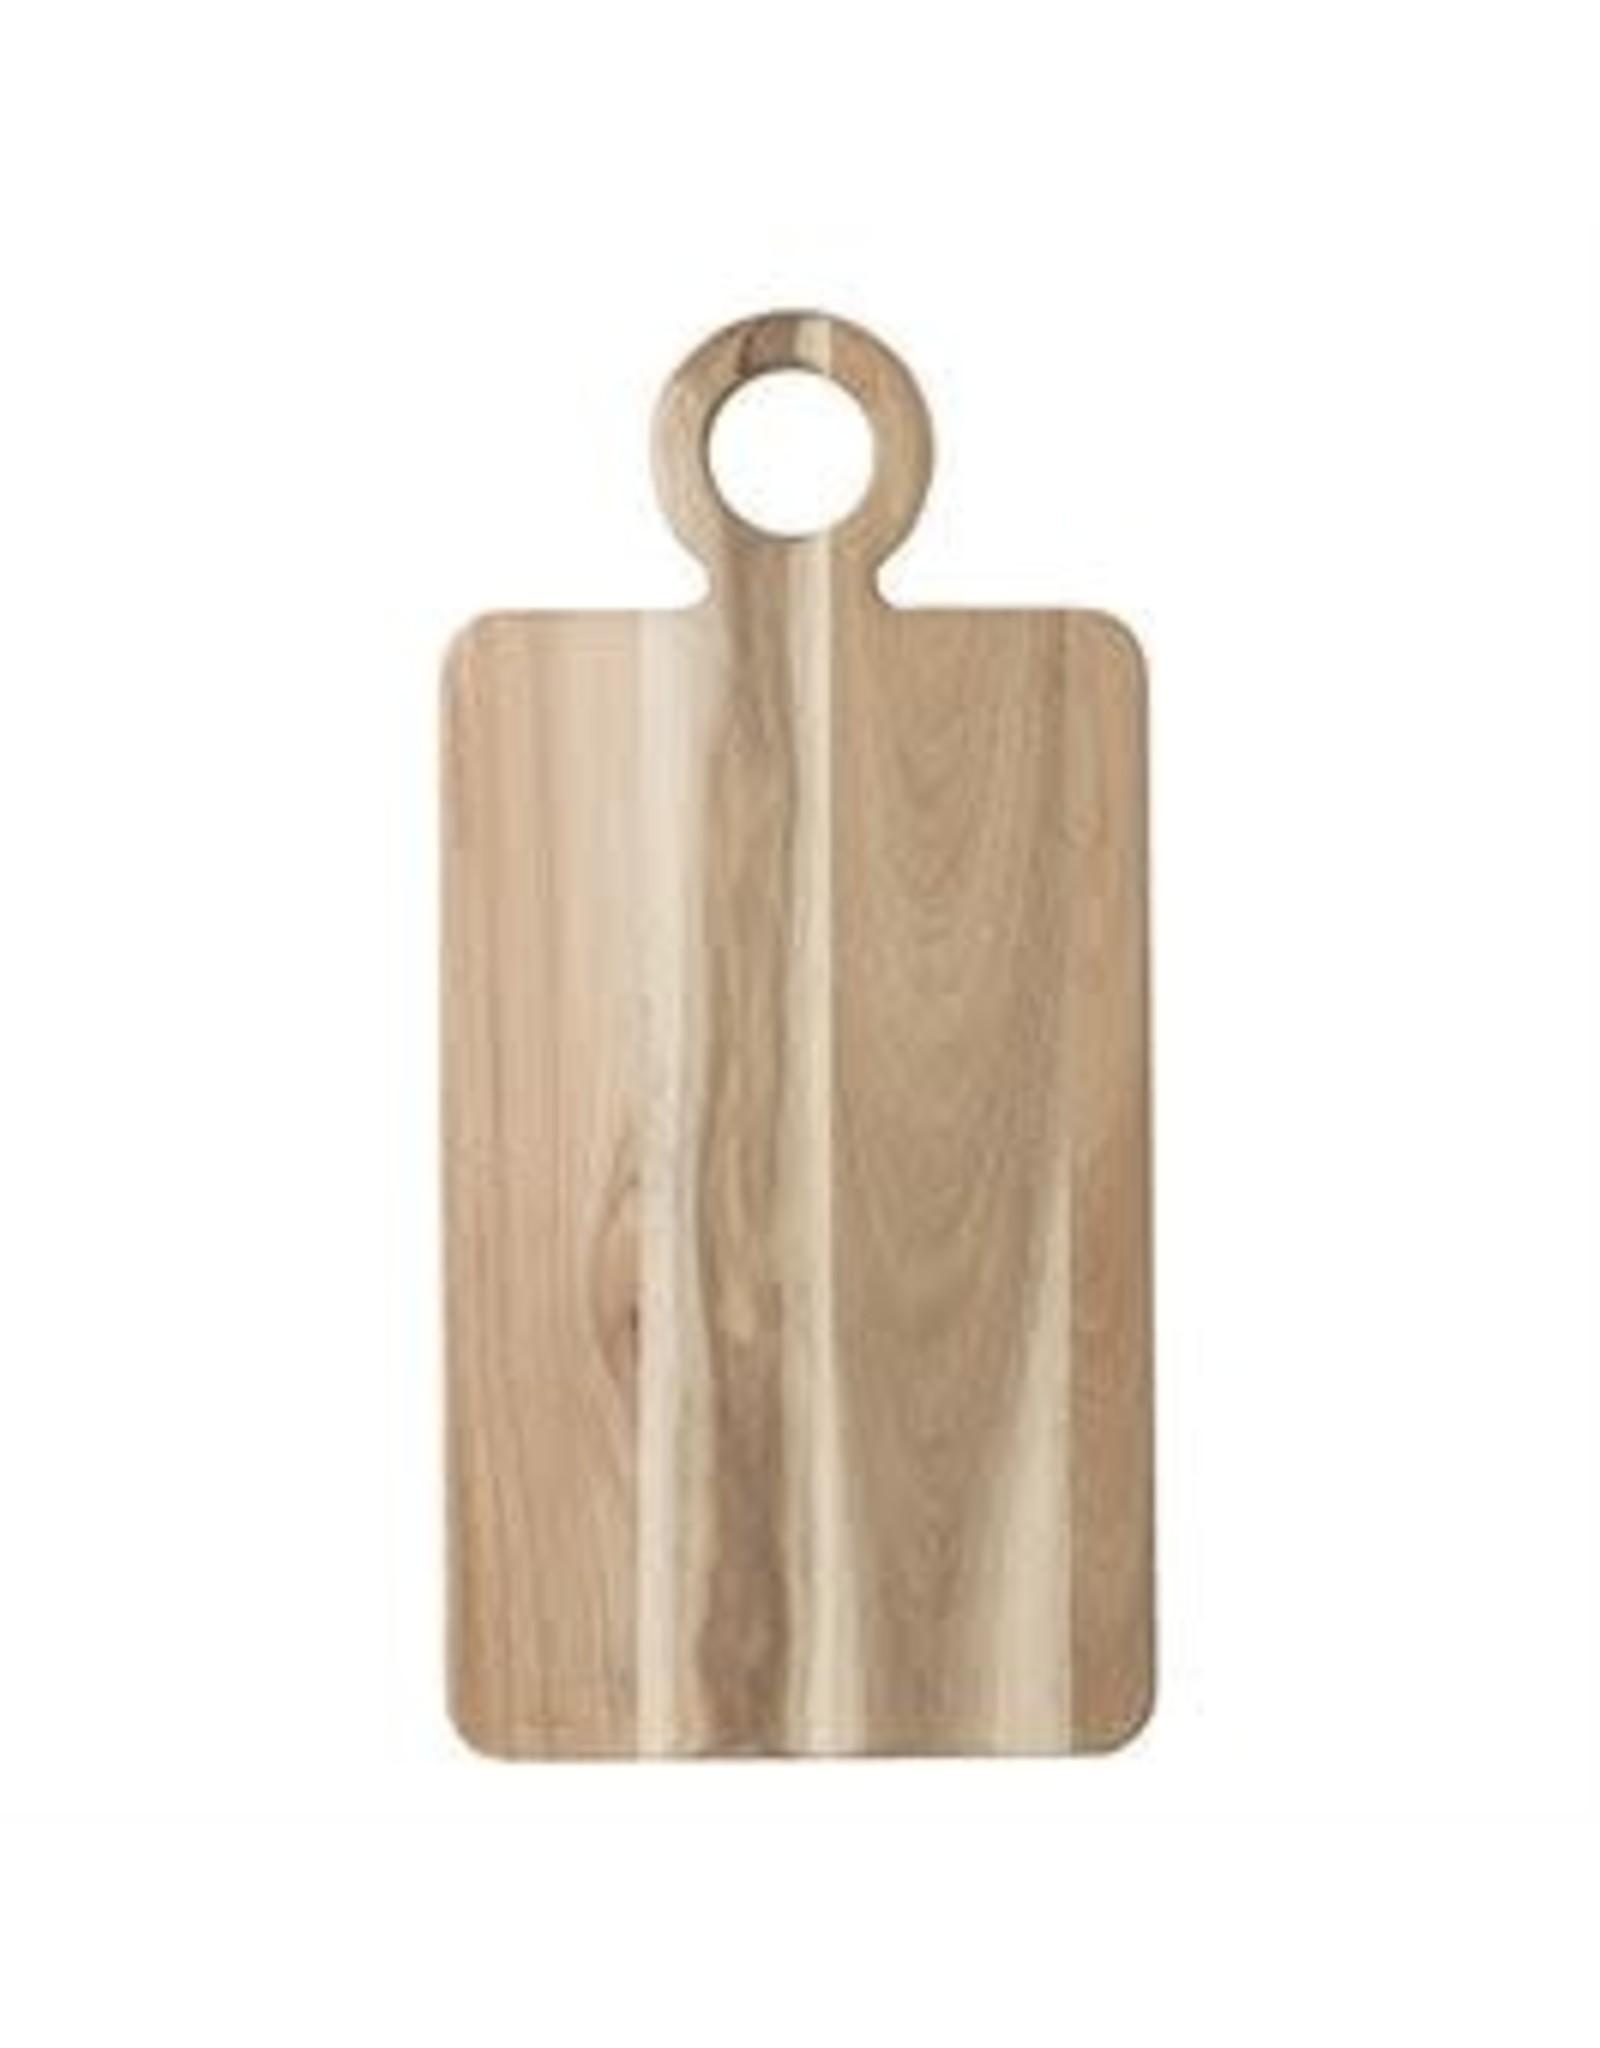 Website Acacia Tray/Wood Cutting Board